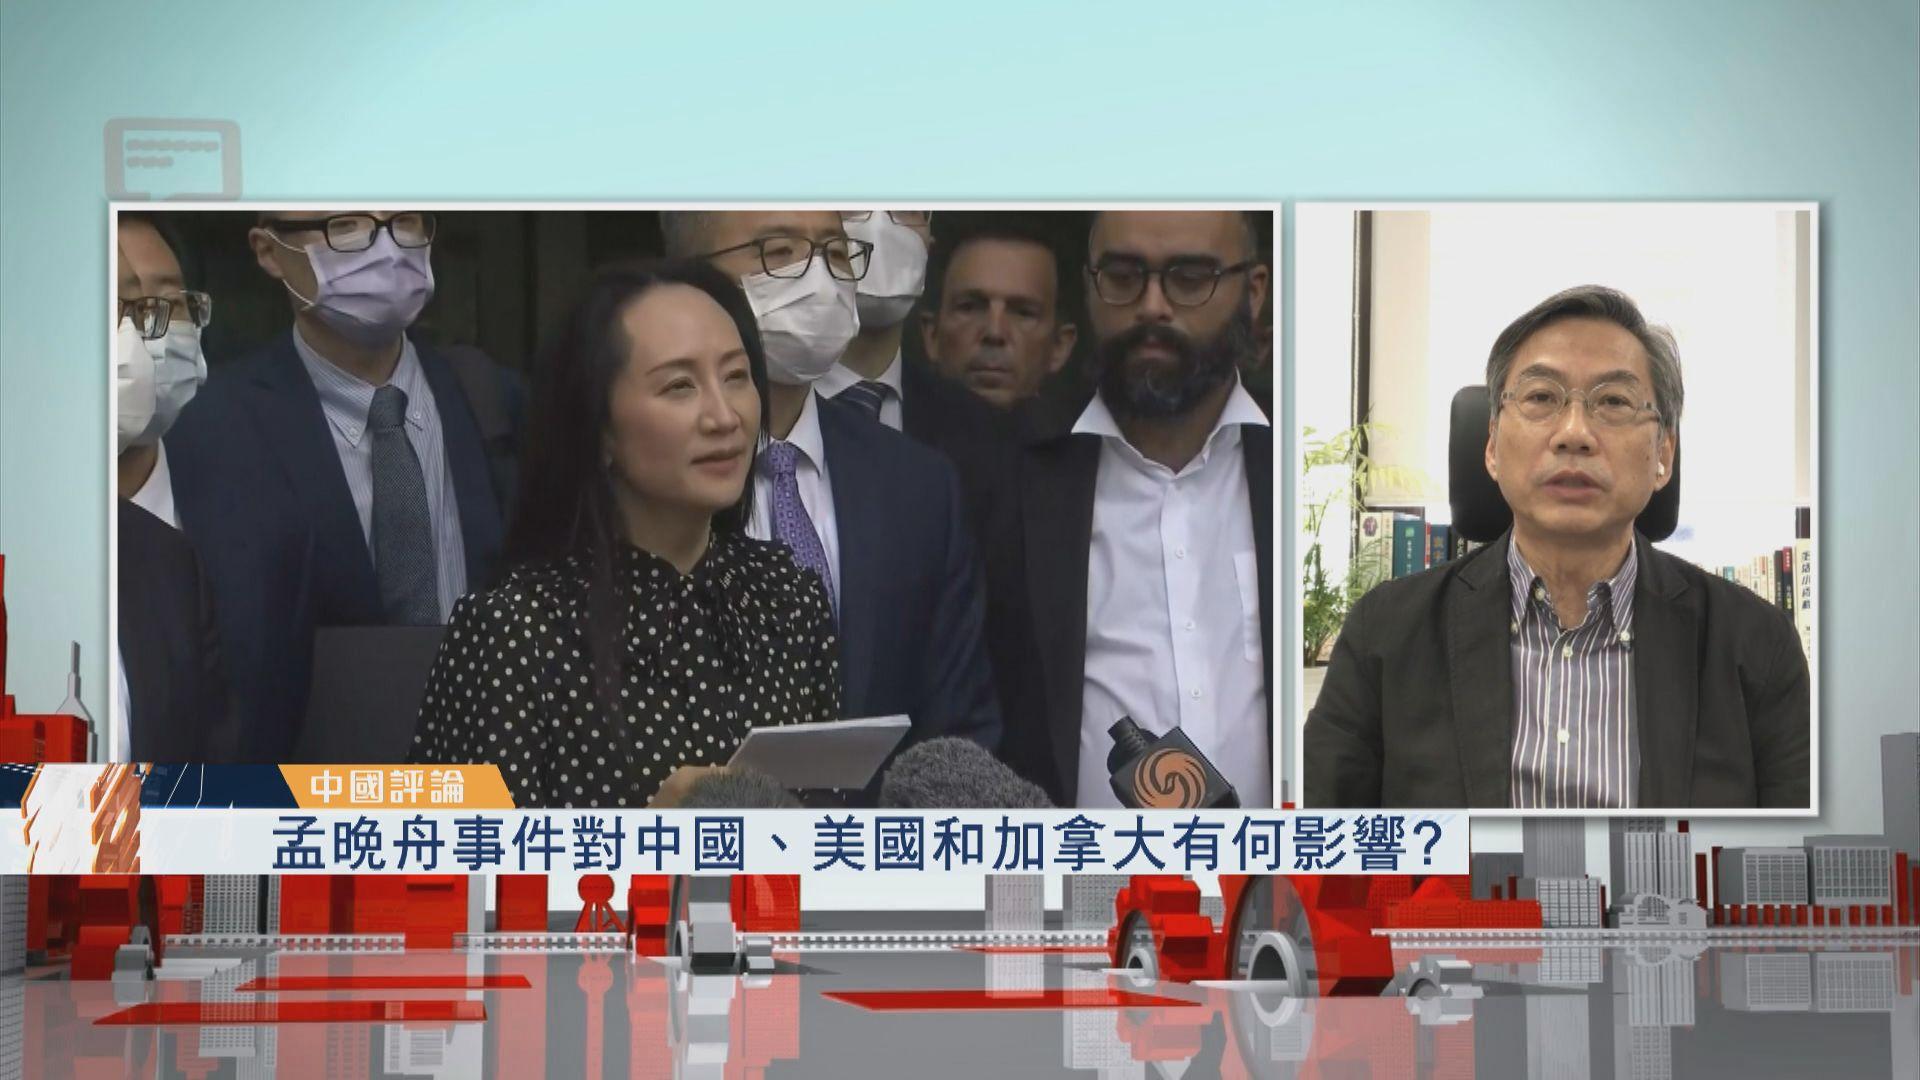 【中國評論】孟晚舟事件對中美加有何影響?